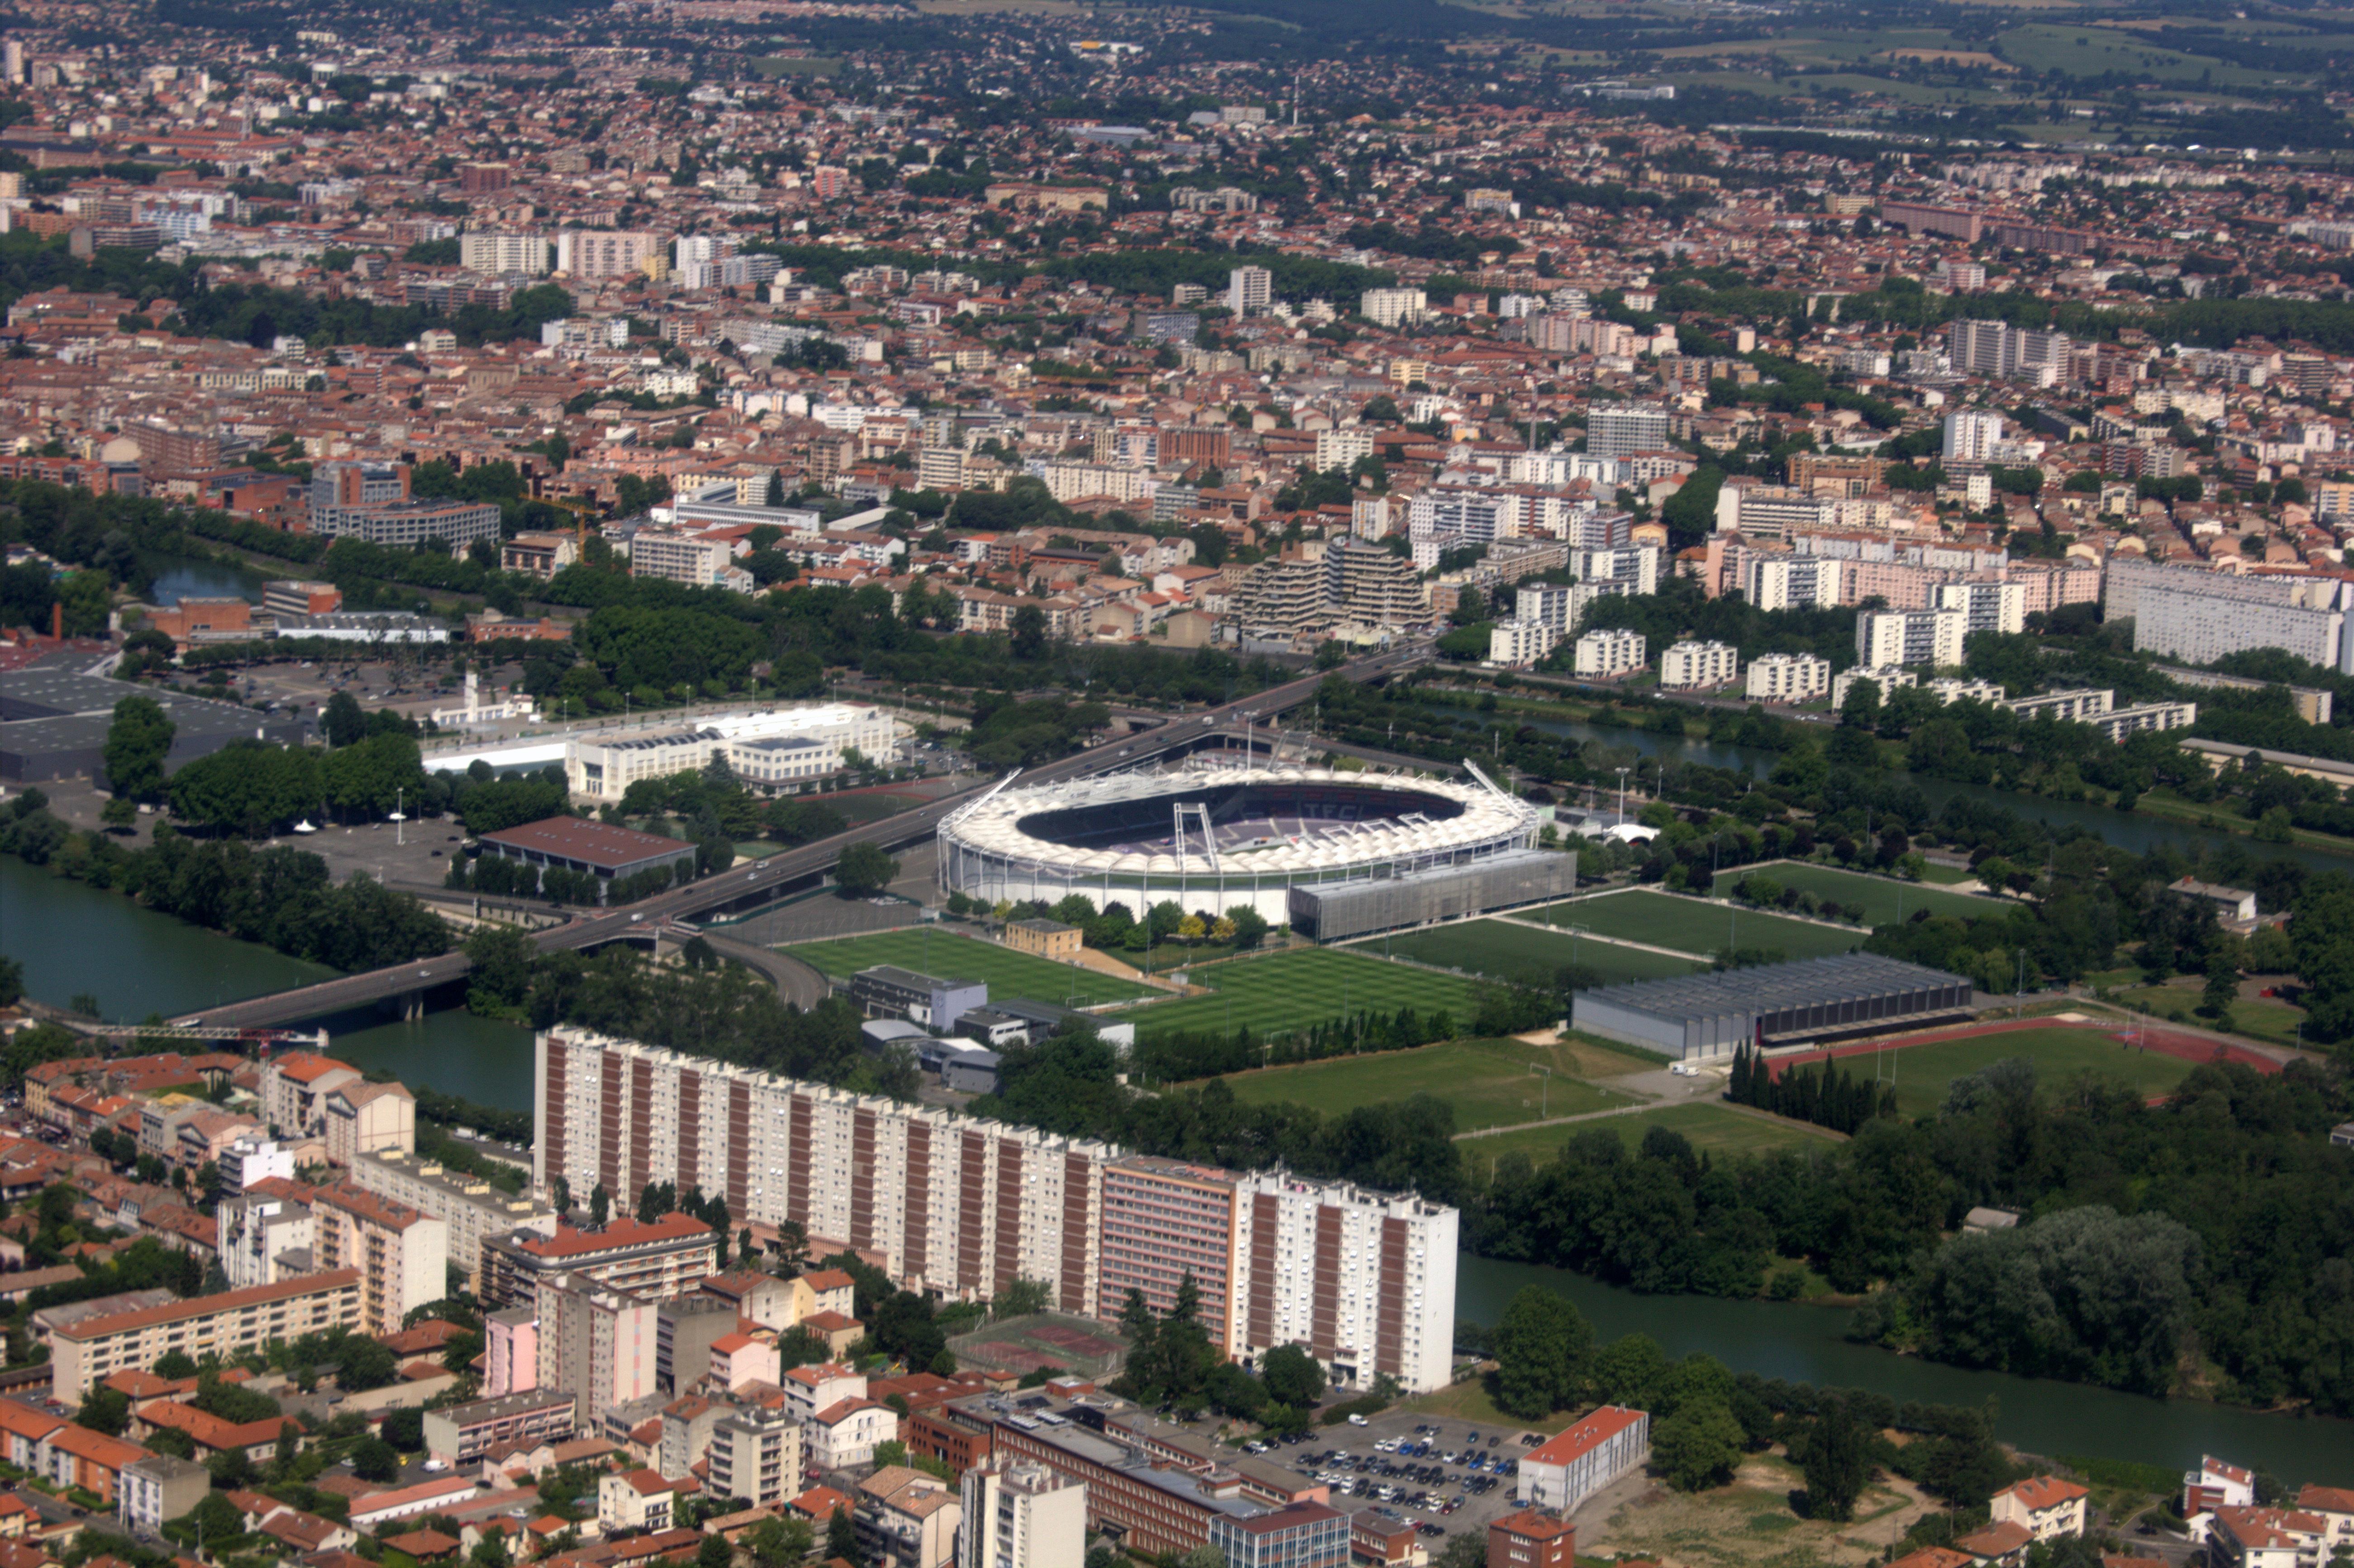 Stadium Aerial View File:aerial View of Stadium